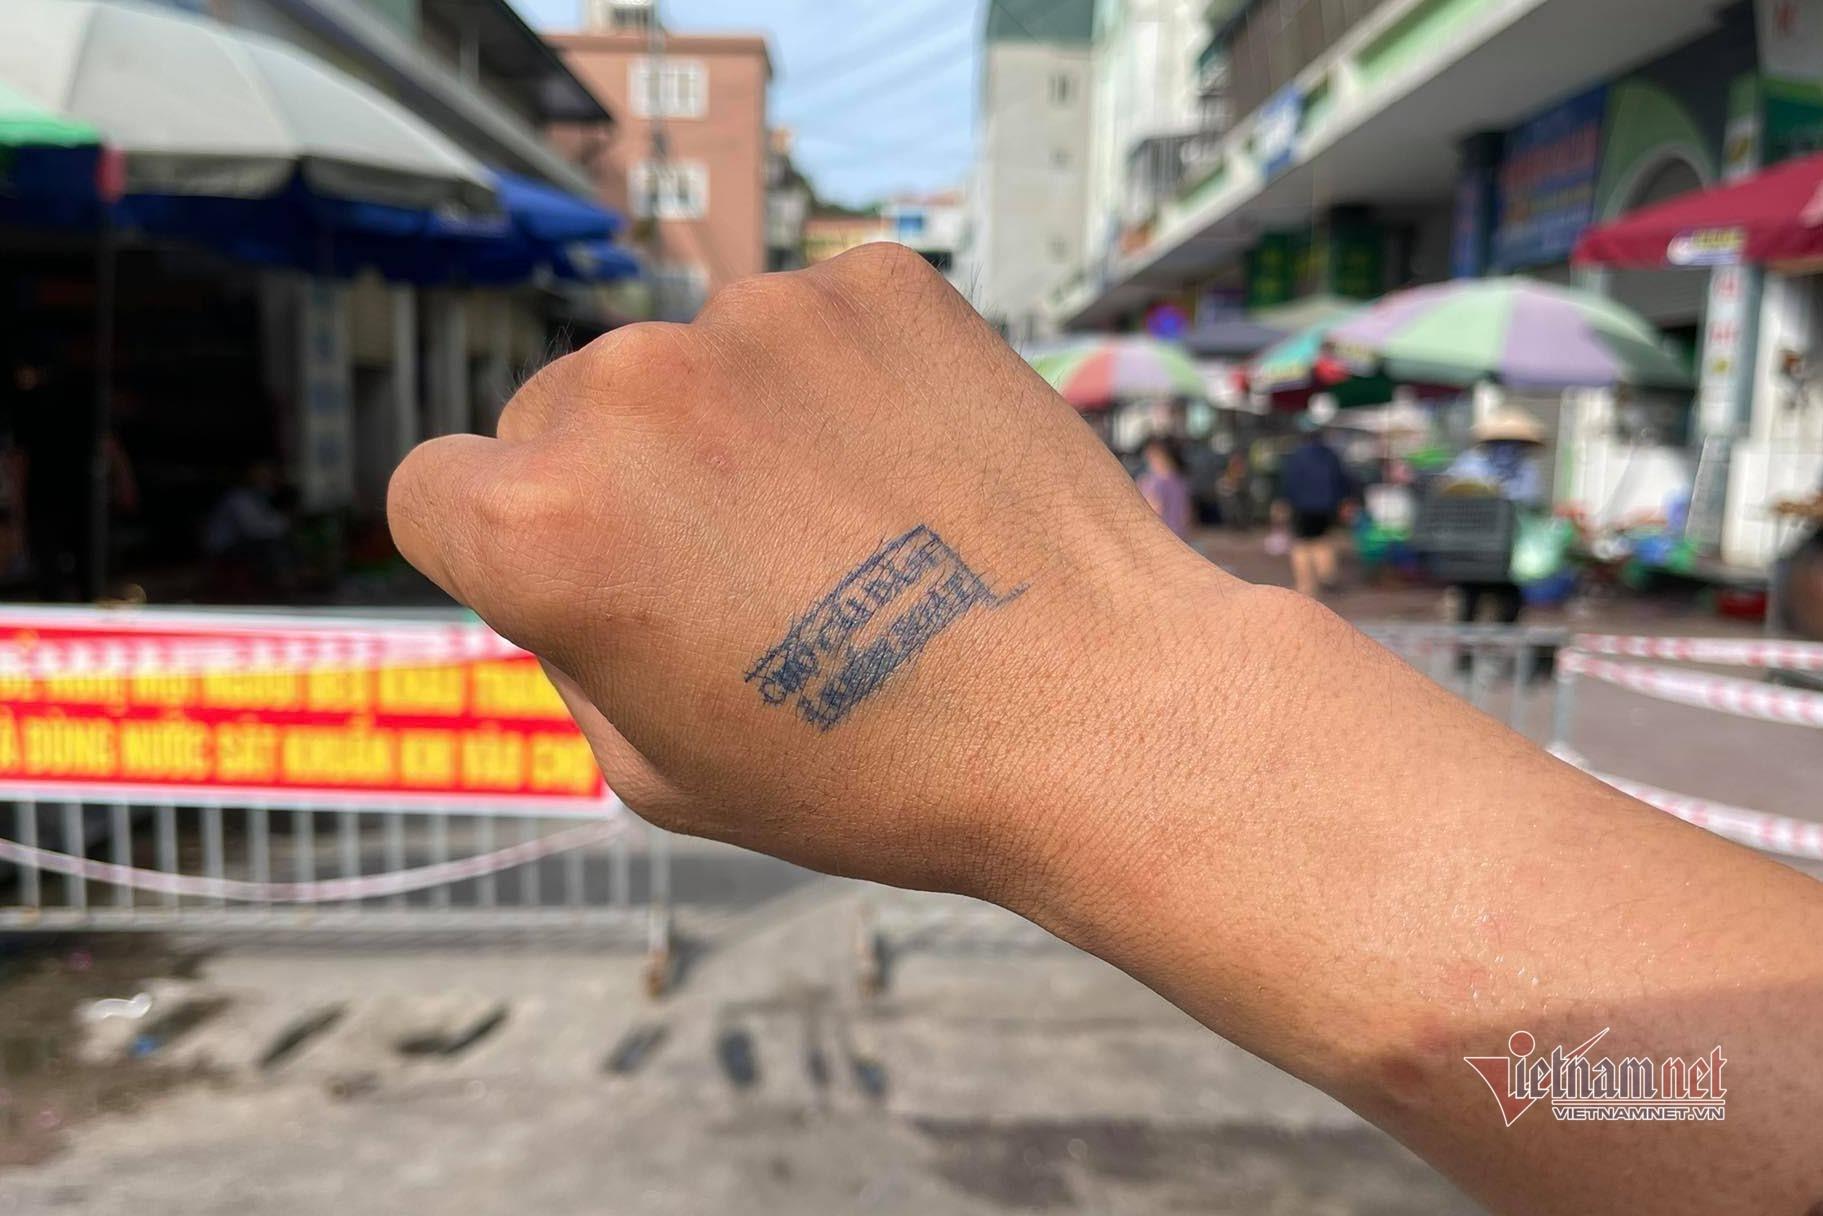 Quảng Ninh: Phố xá vắng lặng, vào chợ phải có dấu xác nhận